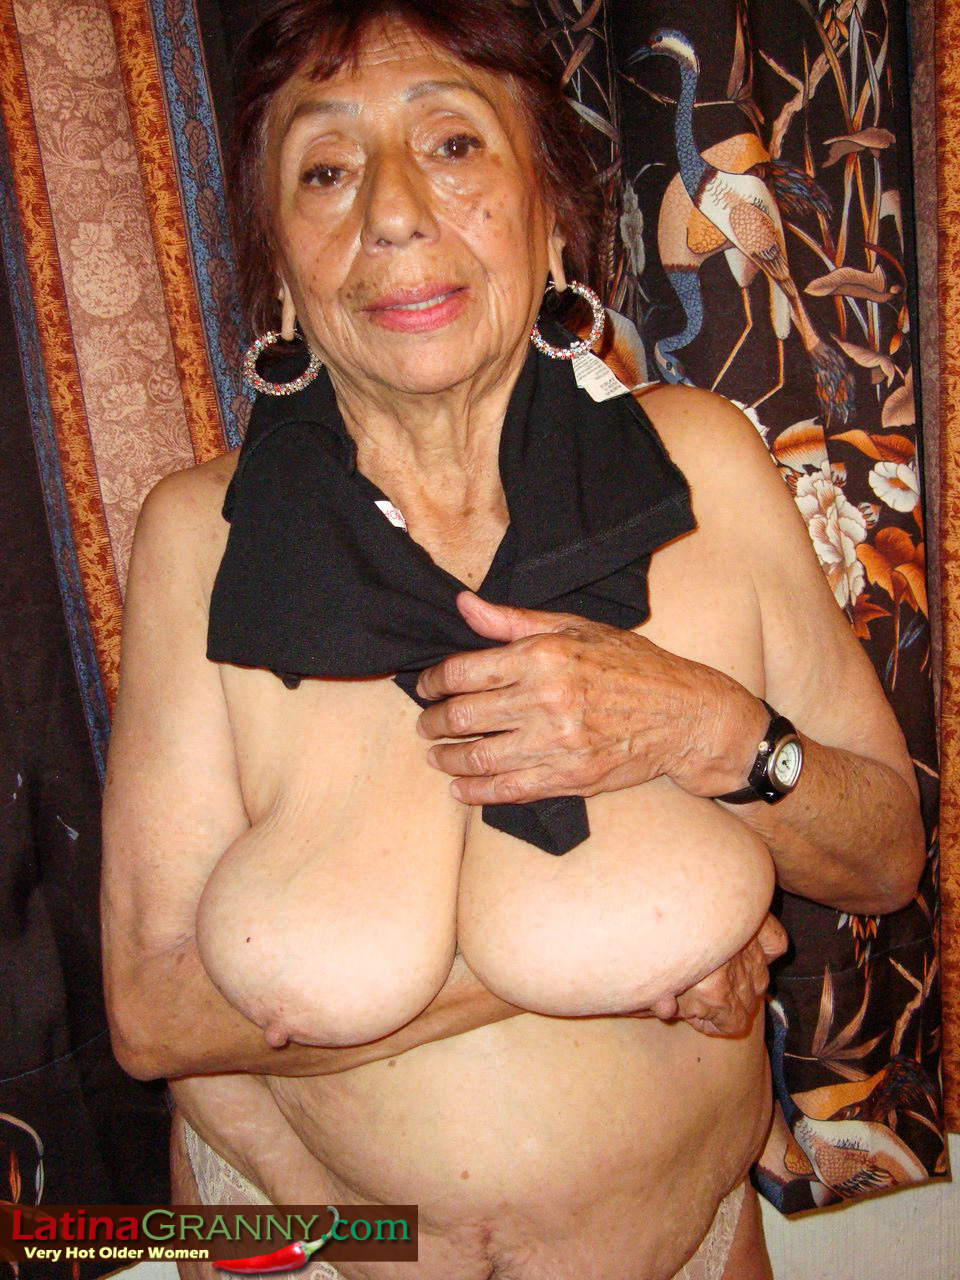 Mature big tits latina granny Mature Mexican Granny Fuck Hd Gallery 100 Free Comments 1